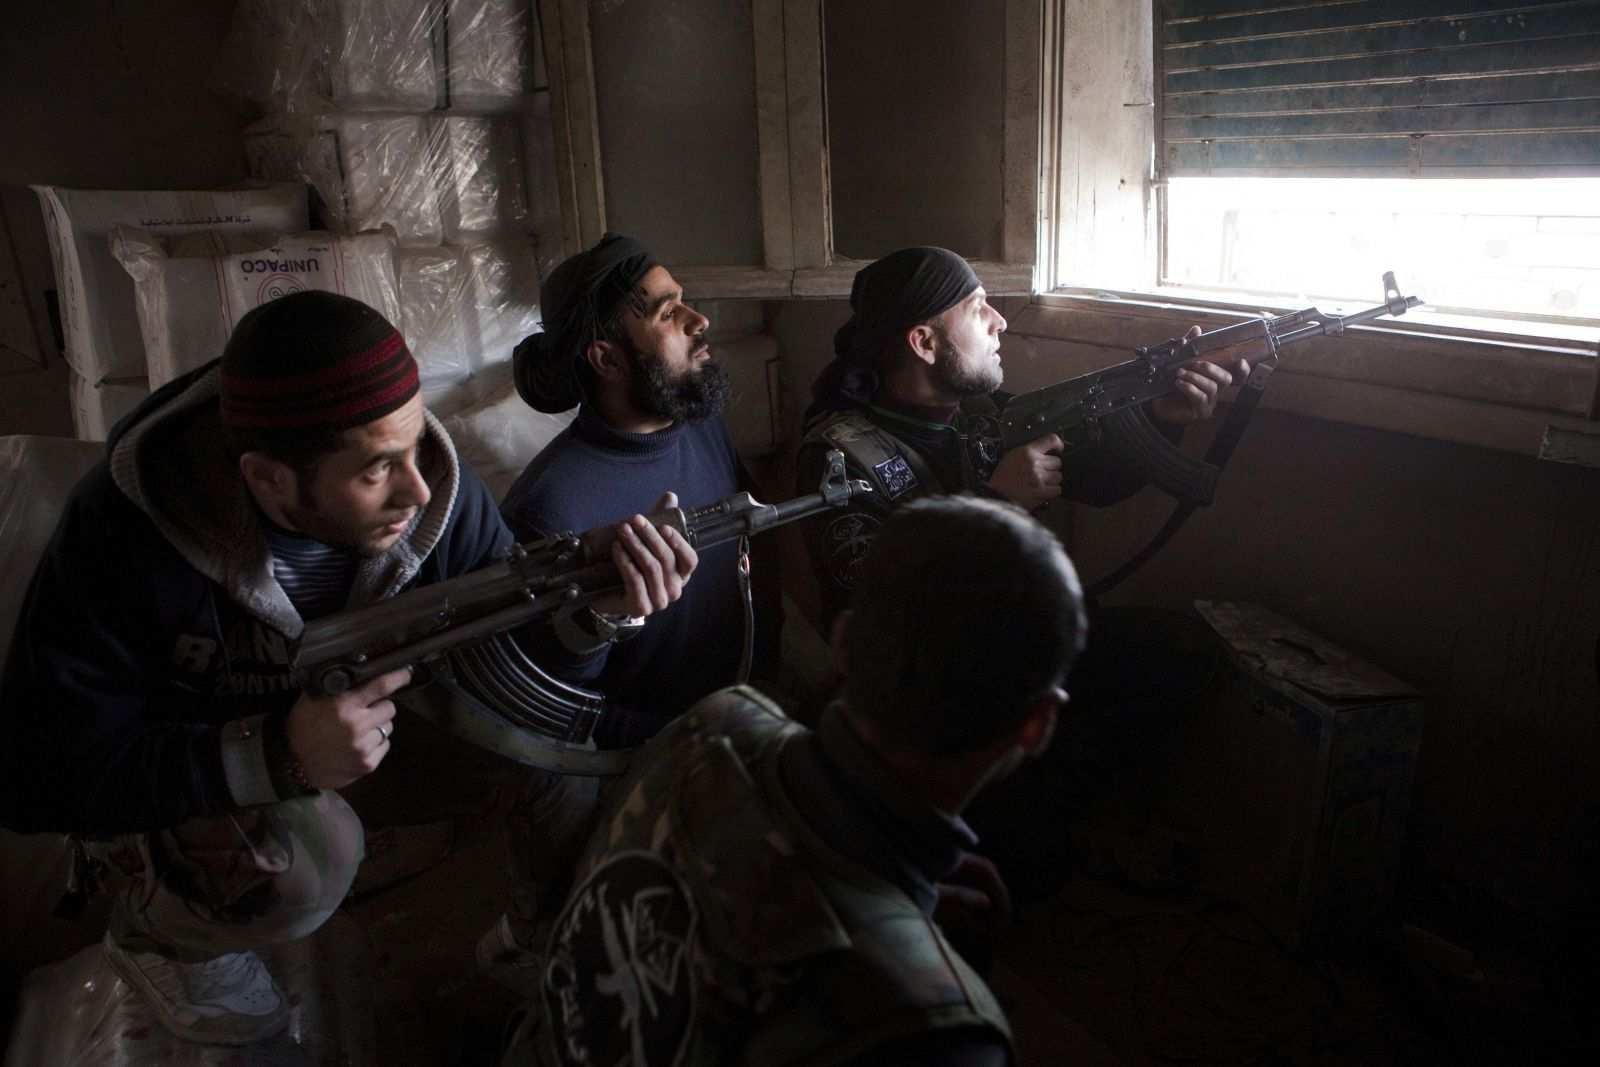 Сирийским боевикам озвучен приговор: «непримиримой оппозиции» грозит уничтожение | Русская весна